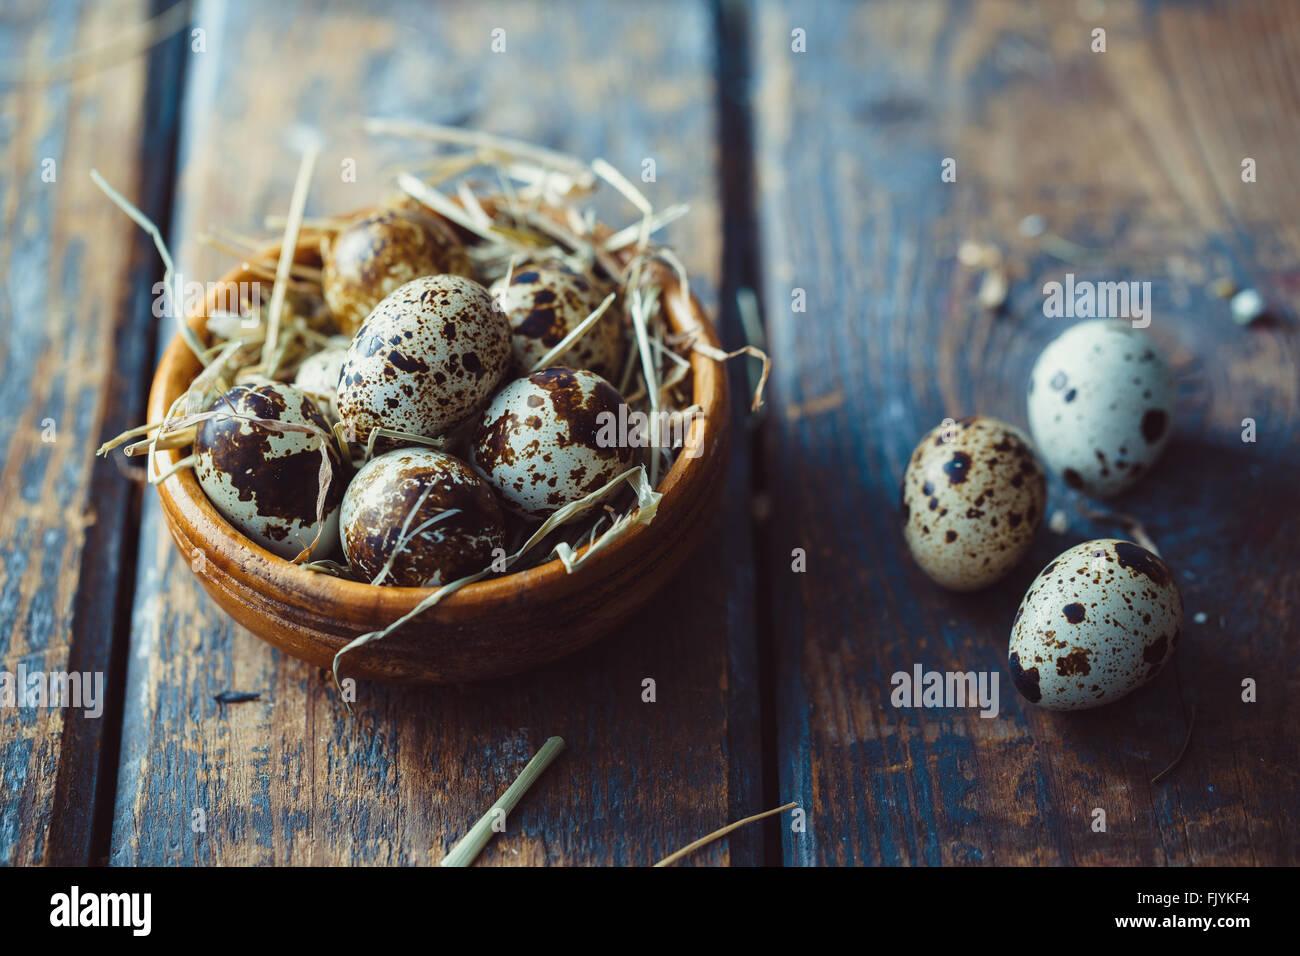 Oeufs de caille sur table en bois Photo Stock